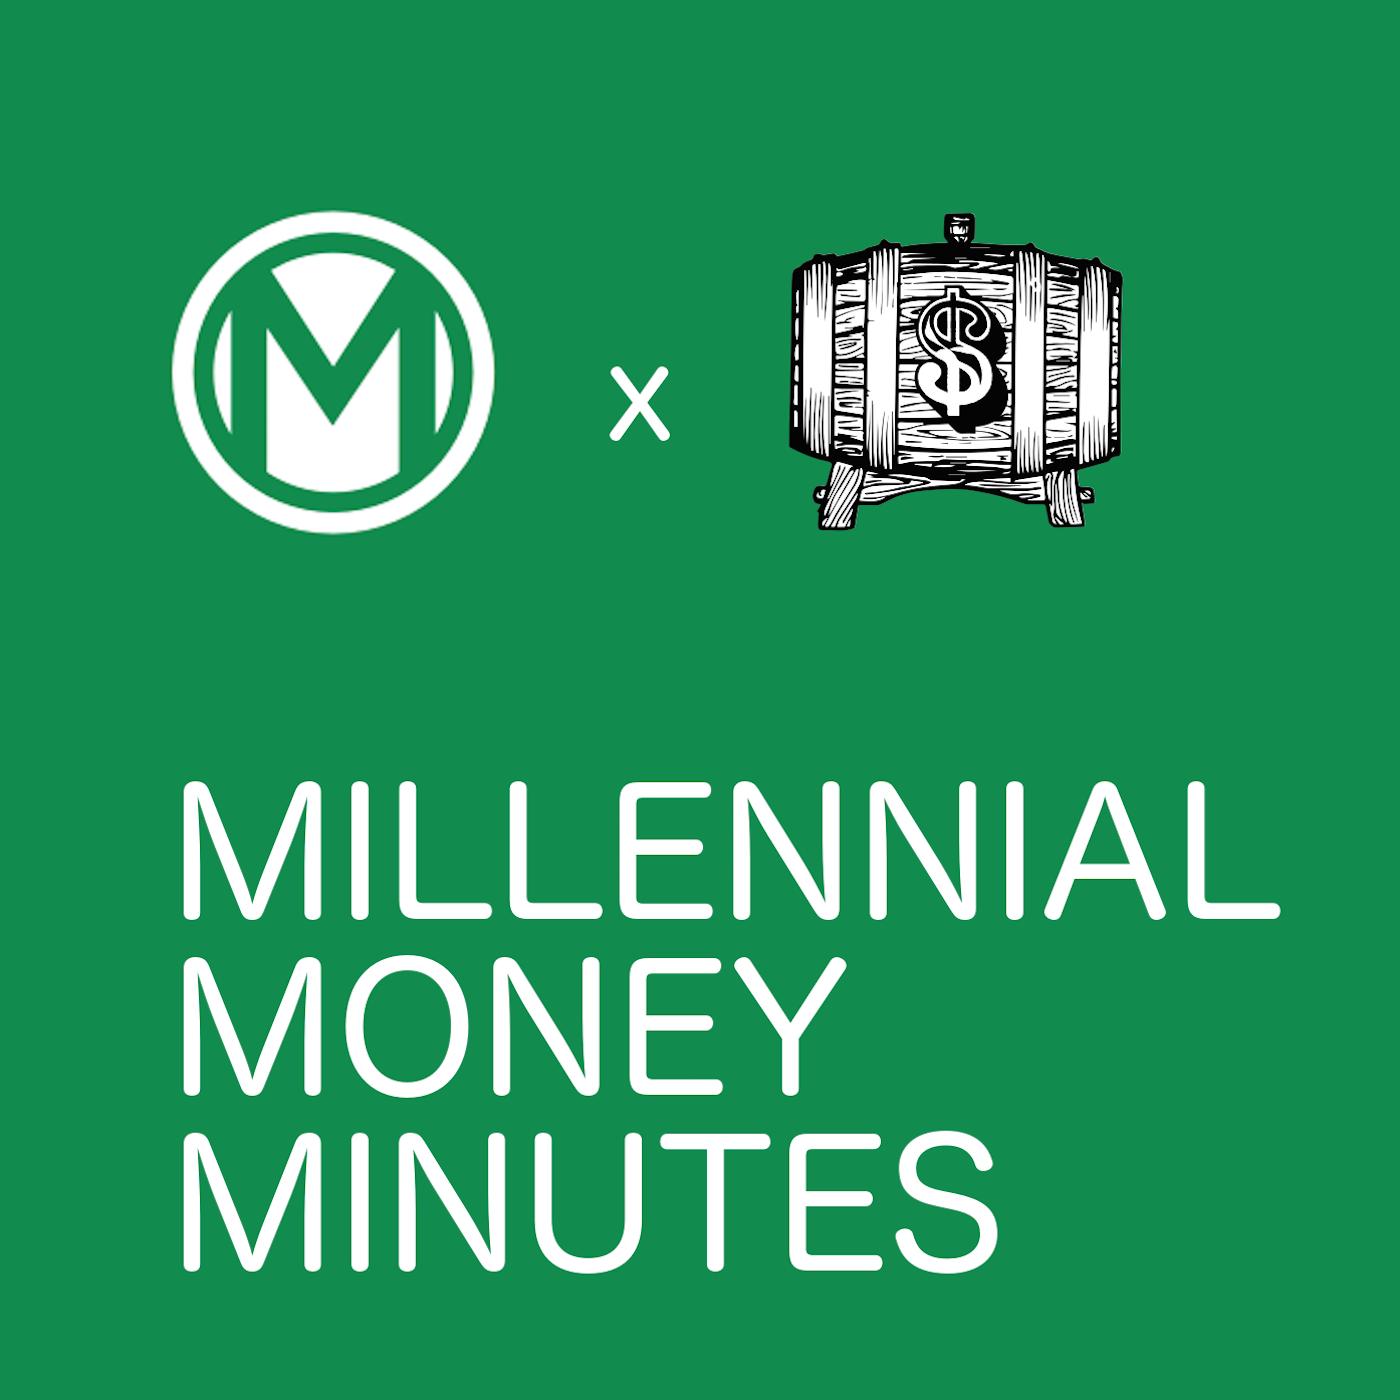 Millennial Money Minutes